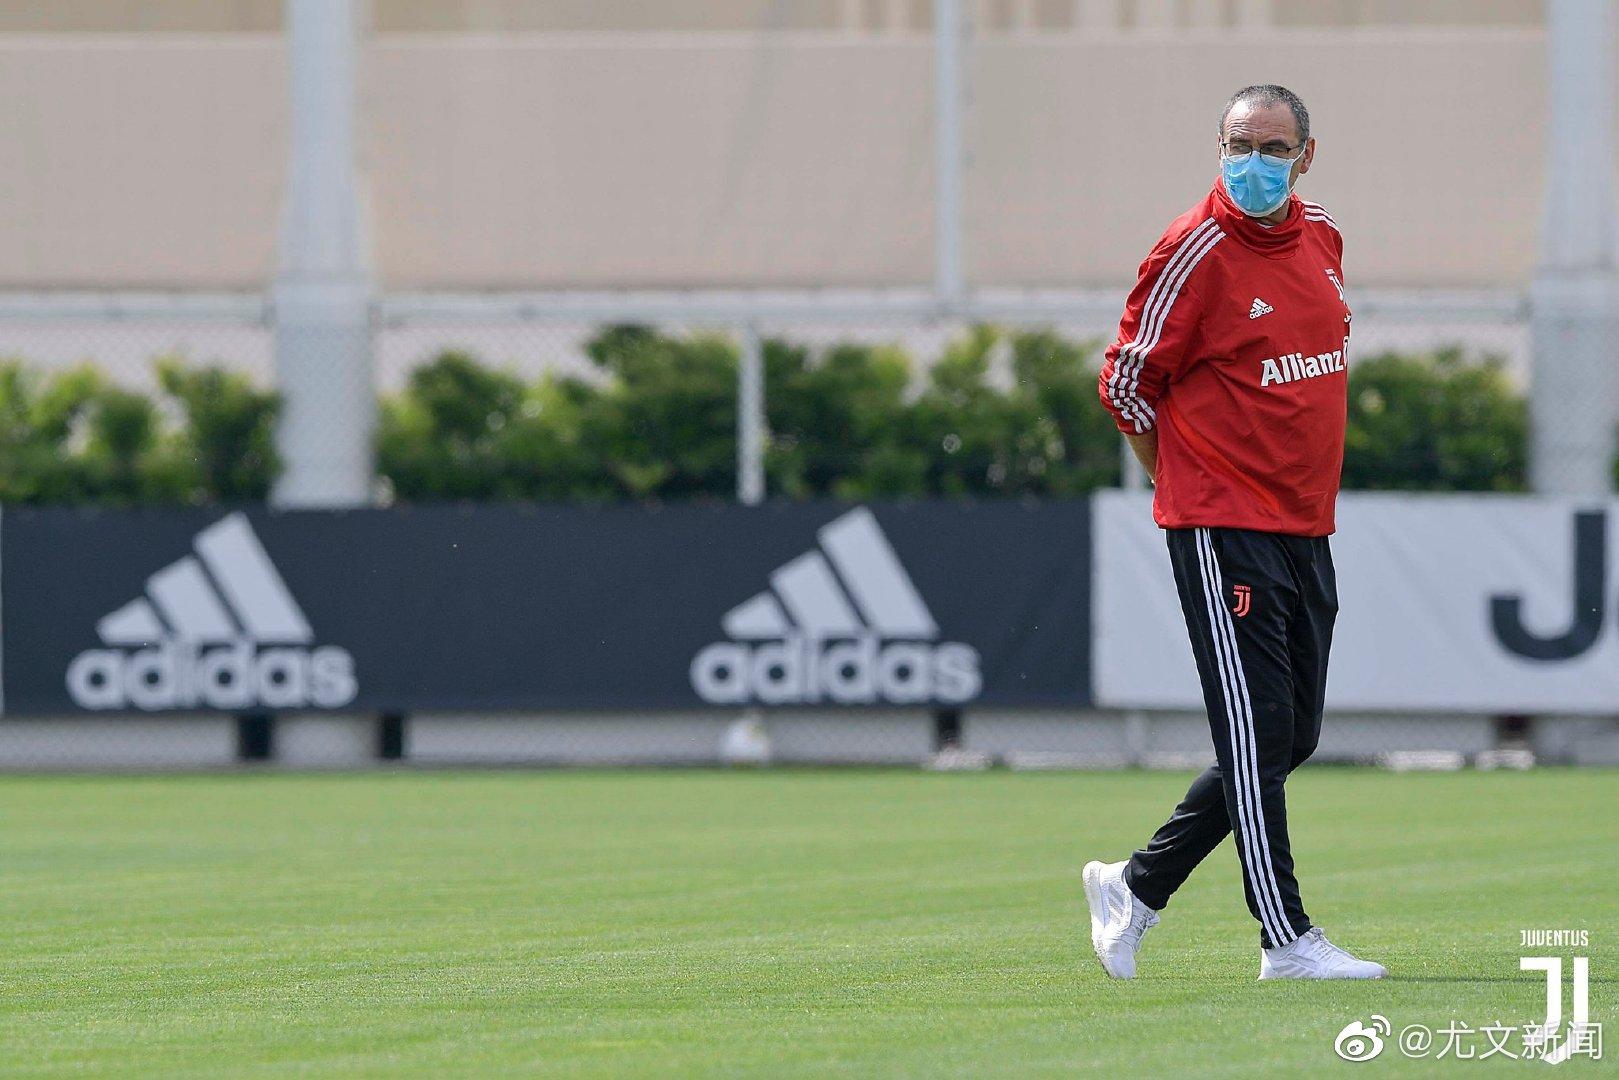 萨里重返训练场。今天训练的球员有博努奇和本坦库尔。